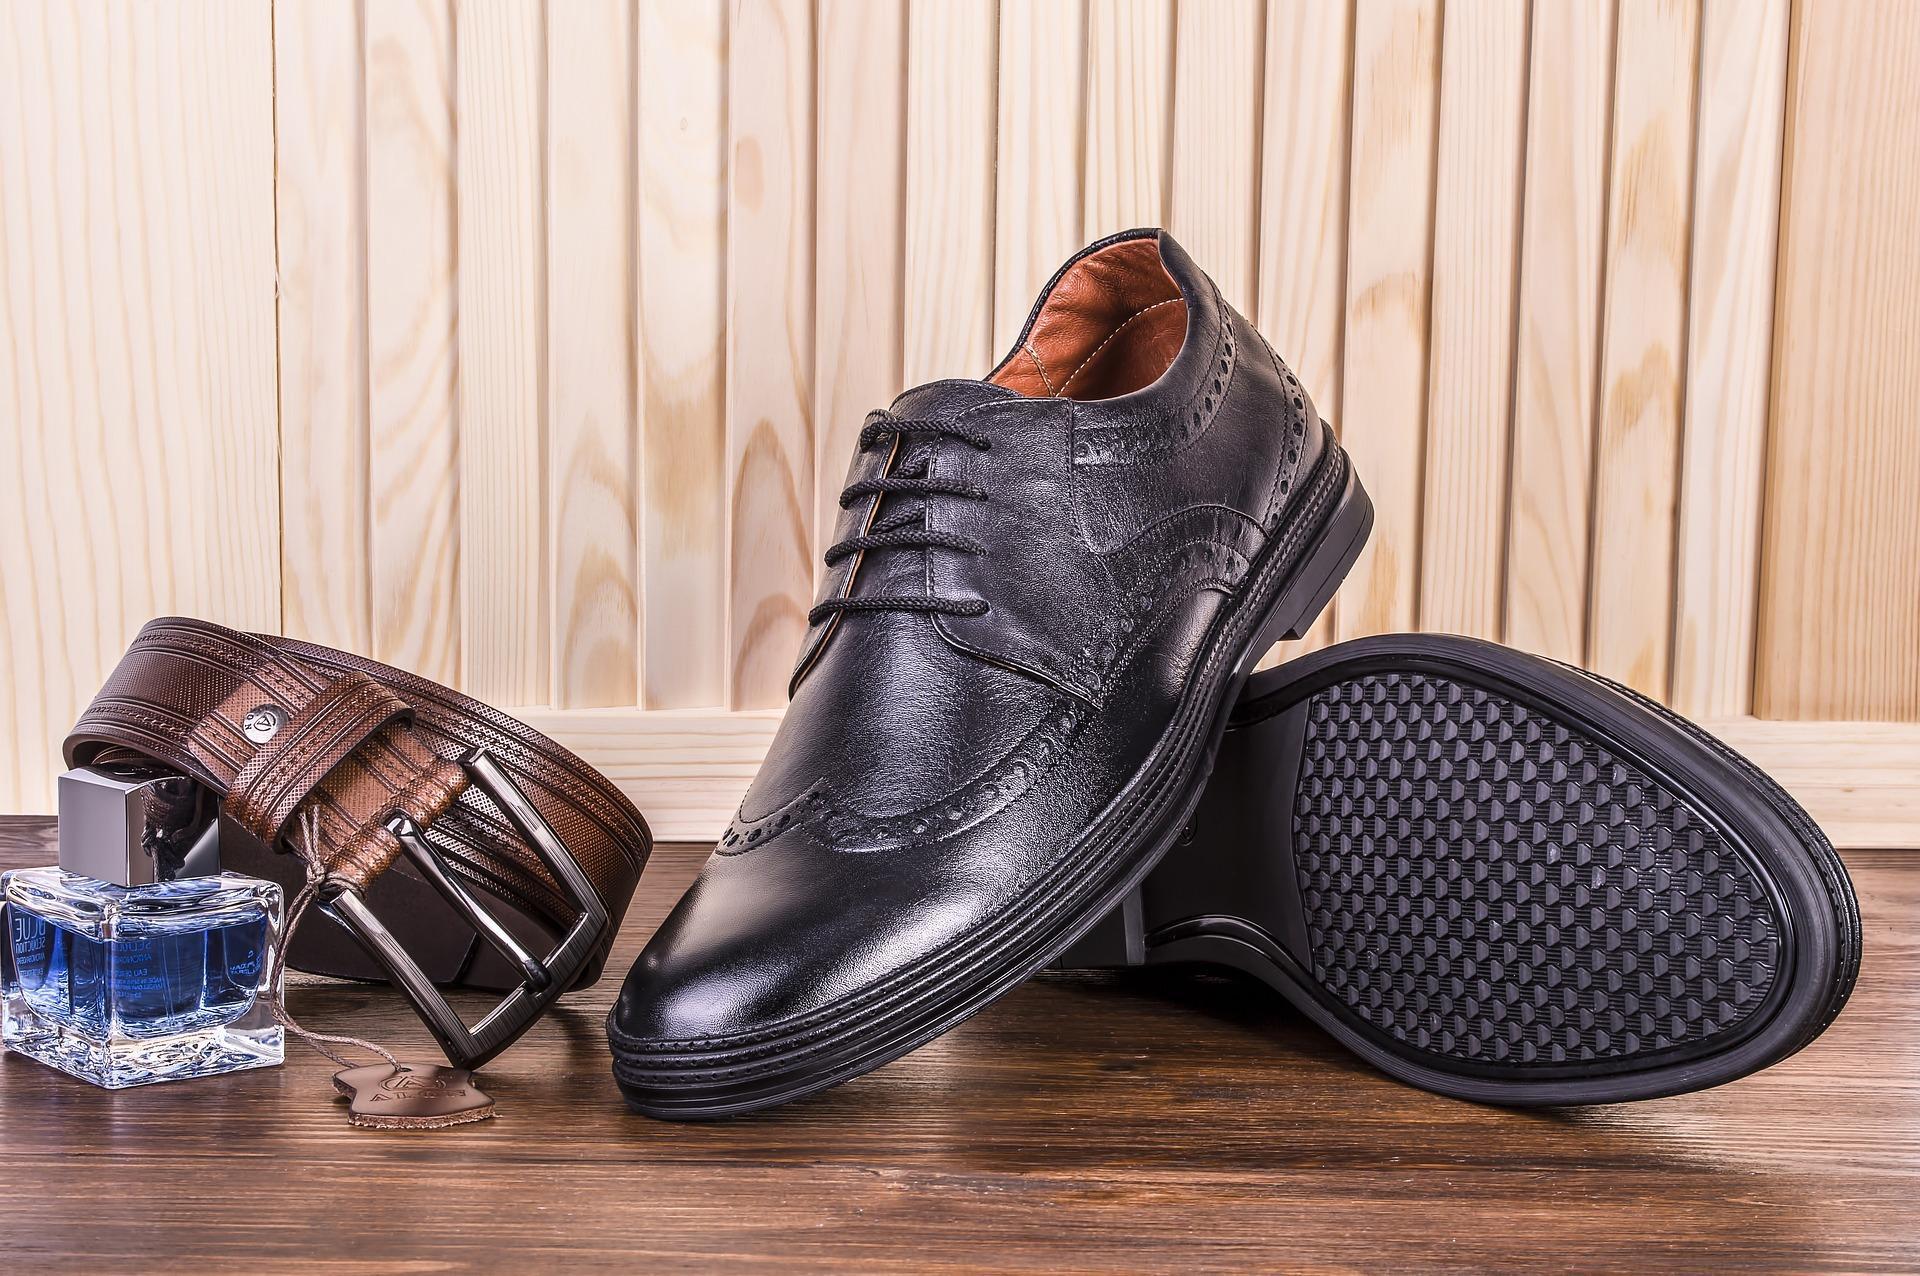 革靴が蒸れるのは仕方ない?蒸れて臭う原因と防止方法について